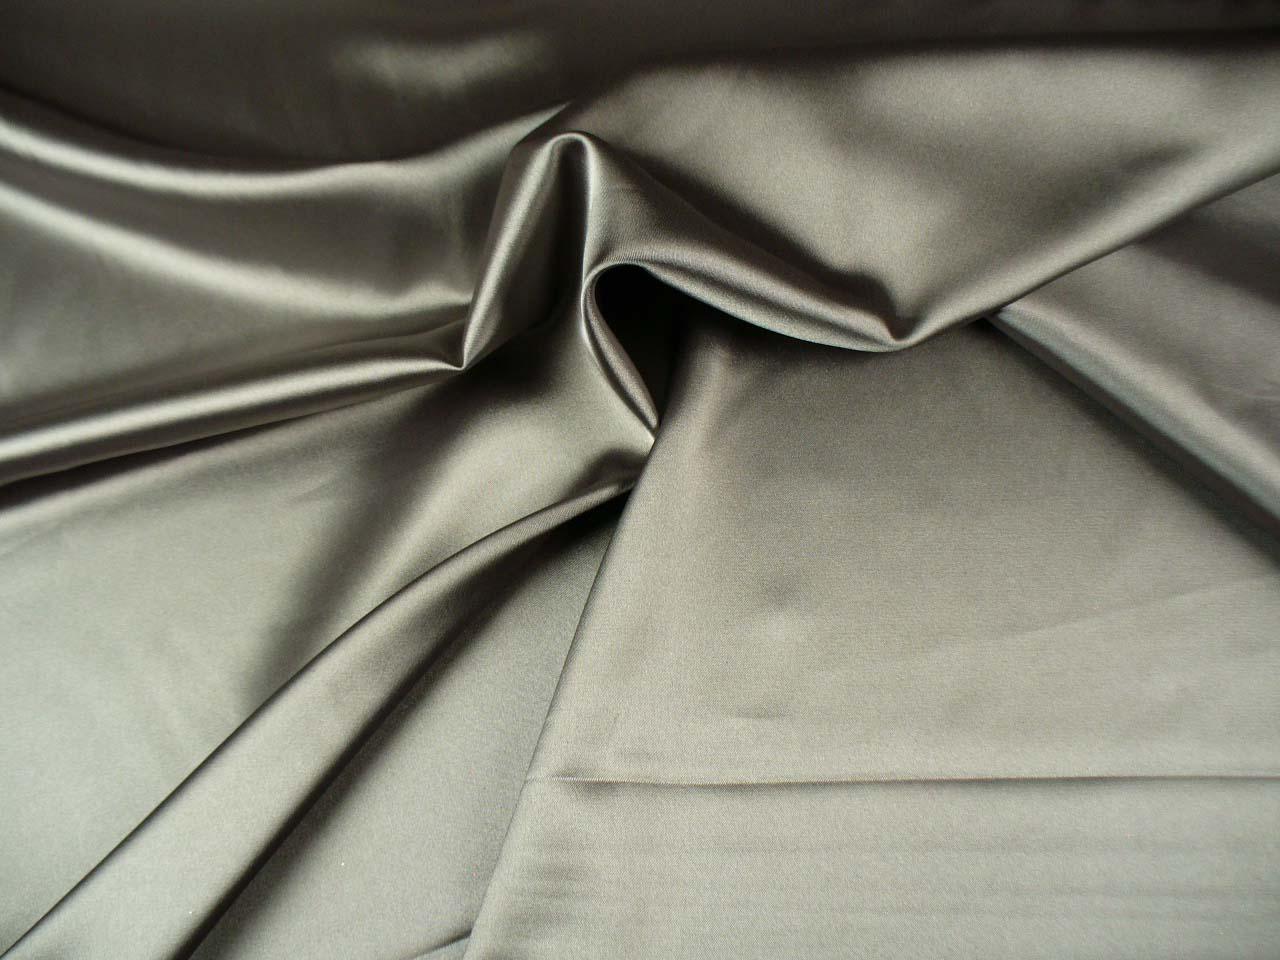 šedostříbrný pružný satén